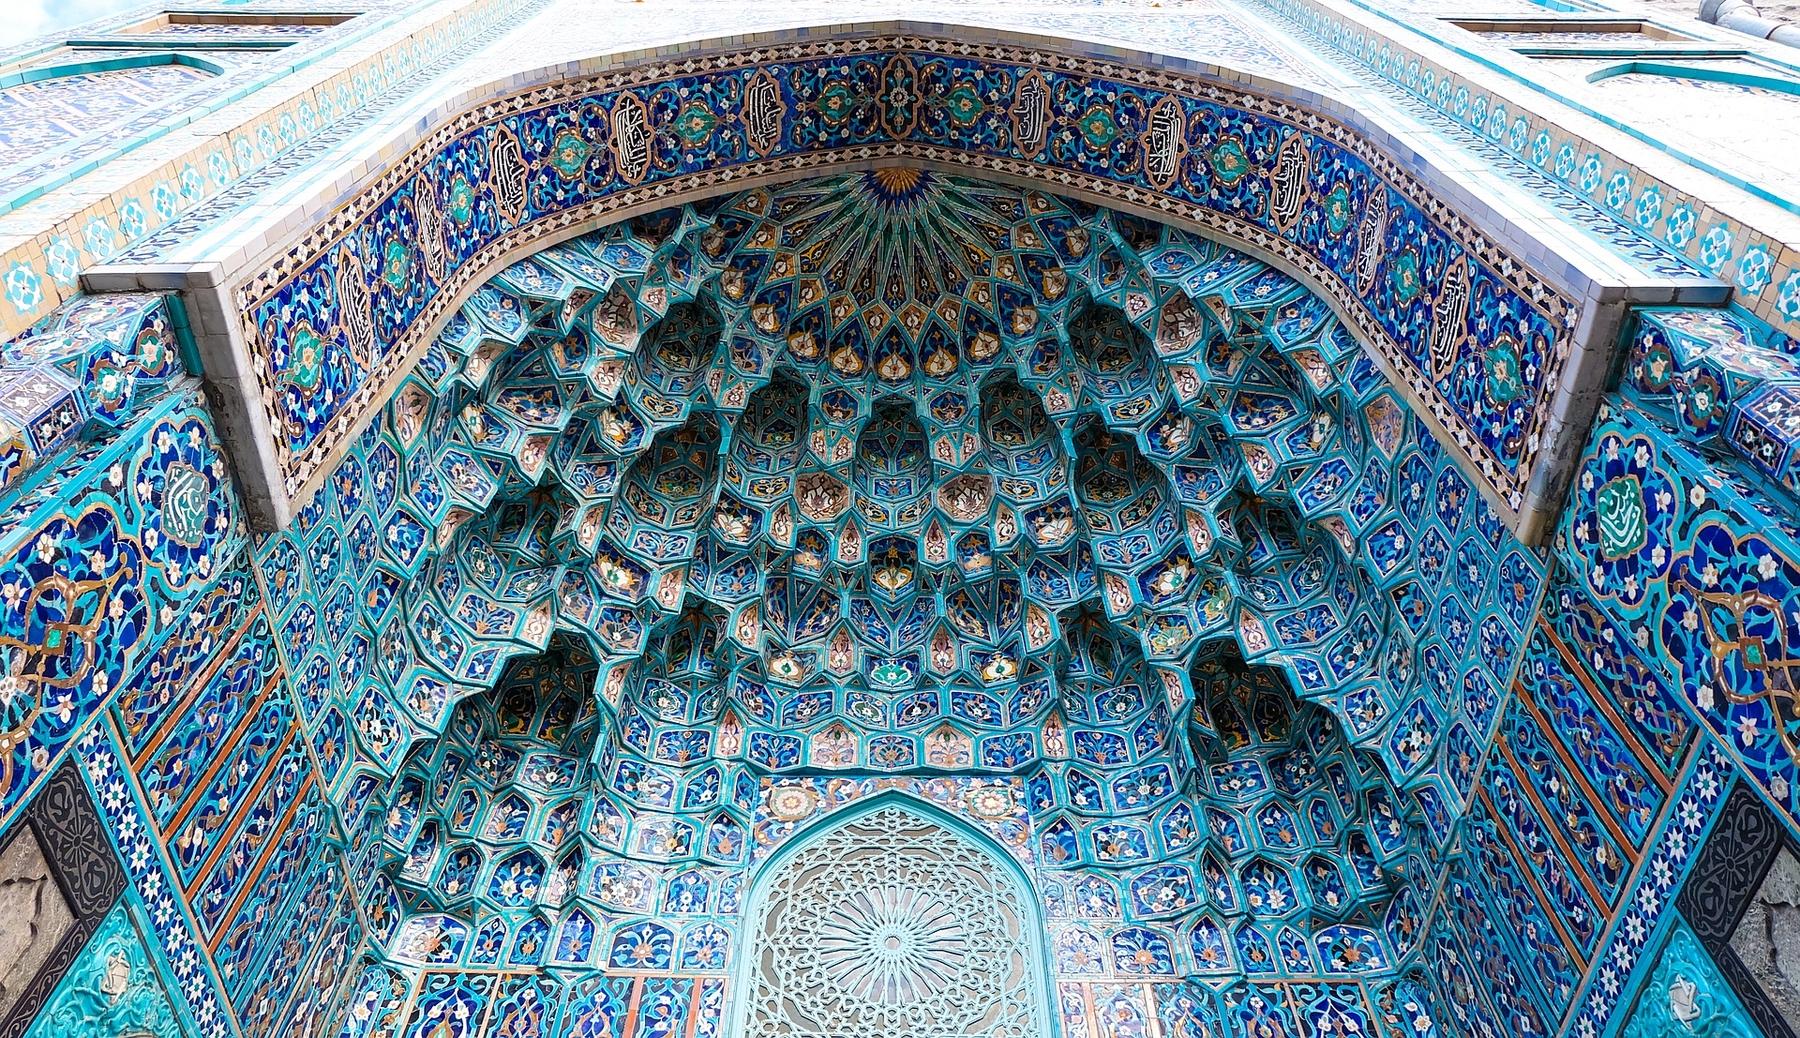 Где в России находится эта мечеть?